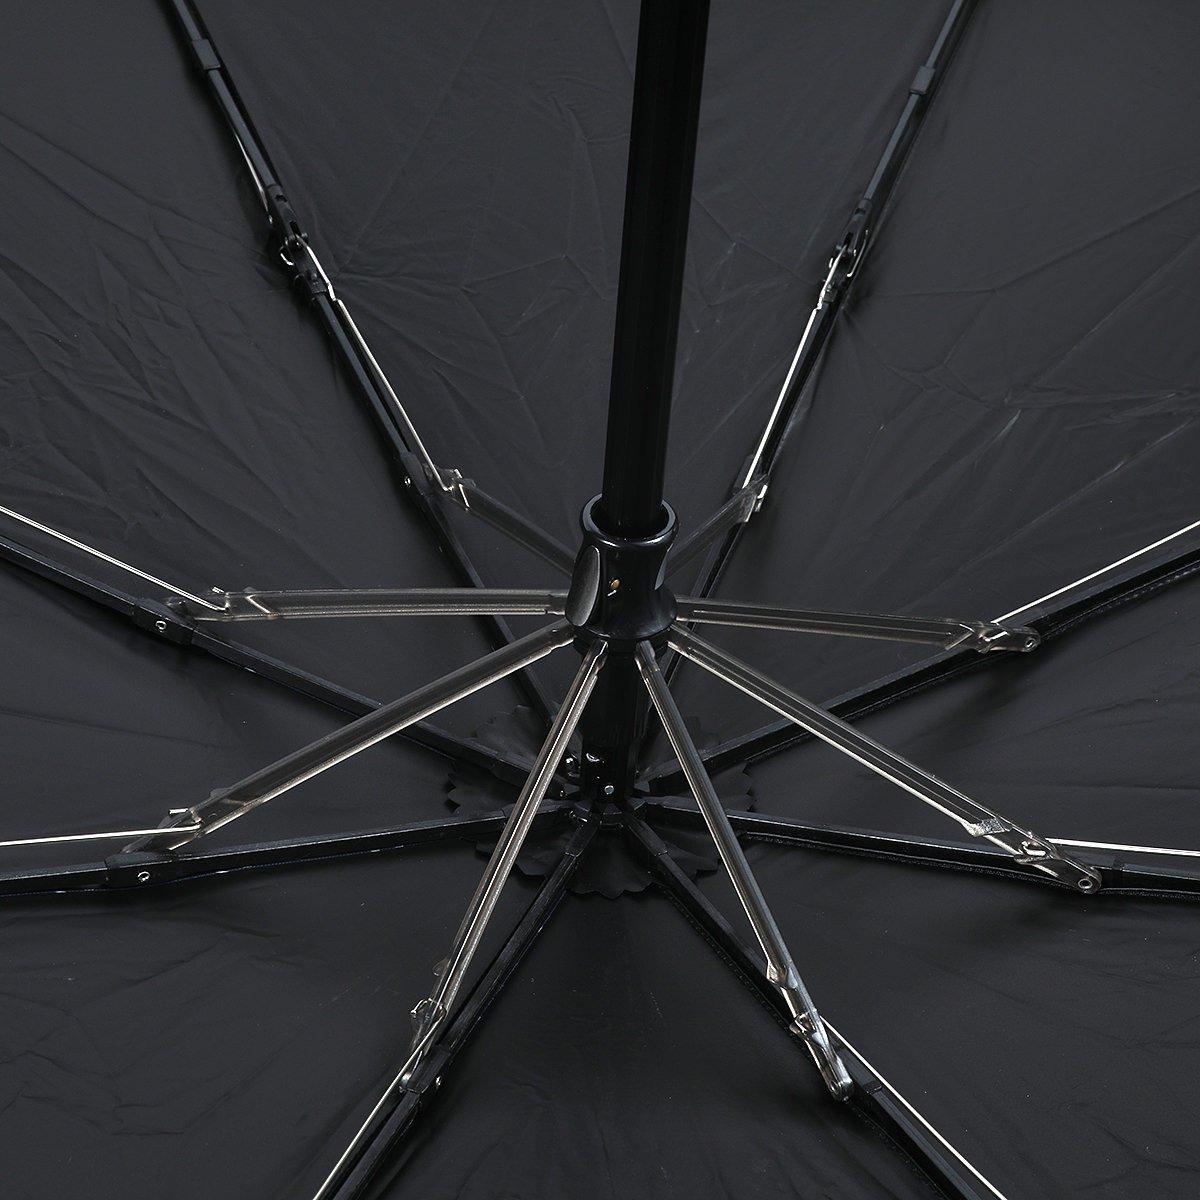 ストライプ 耐風骨 オールシーズン 折りたたみ傘 詳細画像6